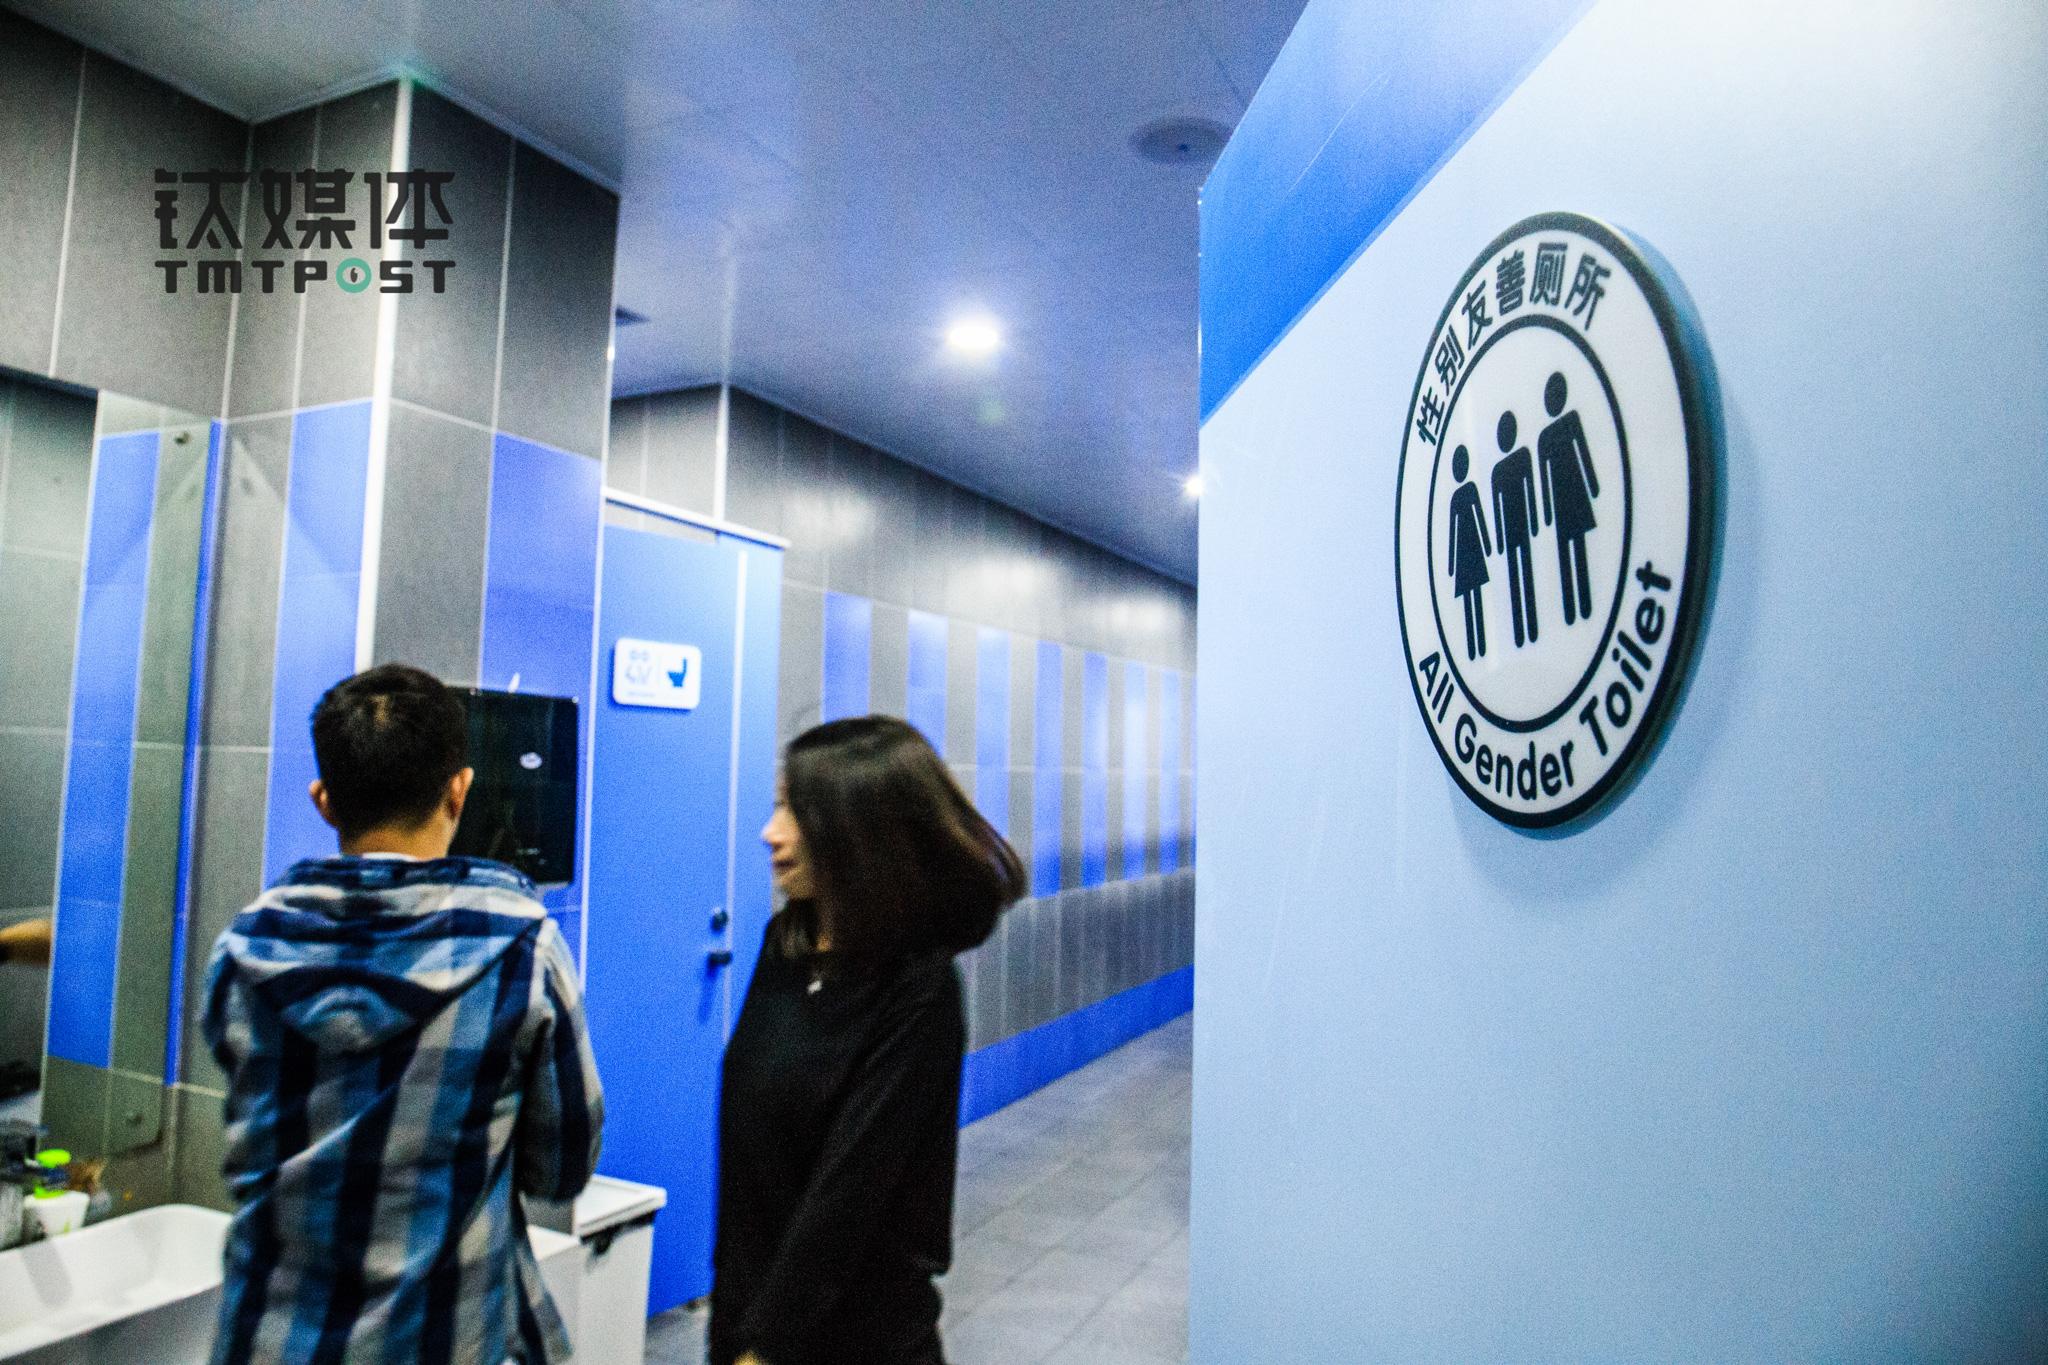 """Blued内部的""""性别友善厕所"""",为男女员工共用,大家都已经习以为常。他们认为""""这是抹去性别之分的善意行为,特别对于跨性别人士。"""""""